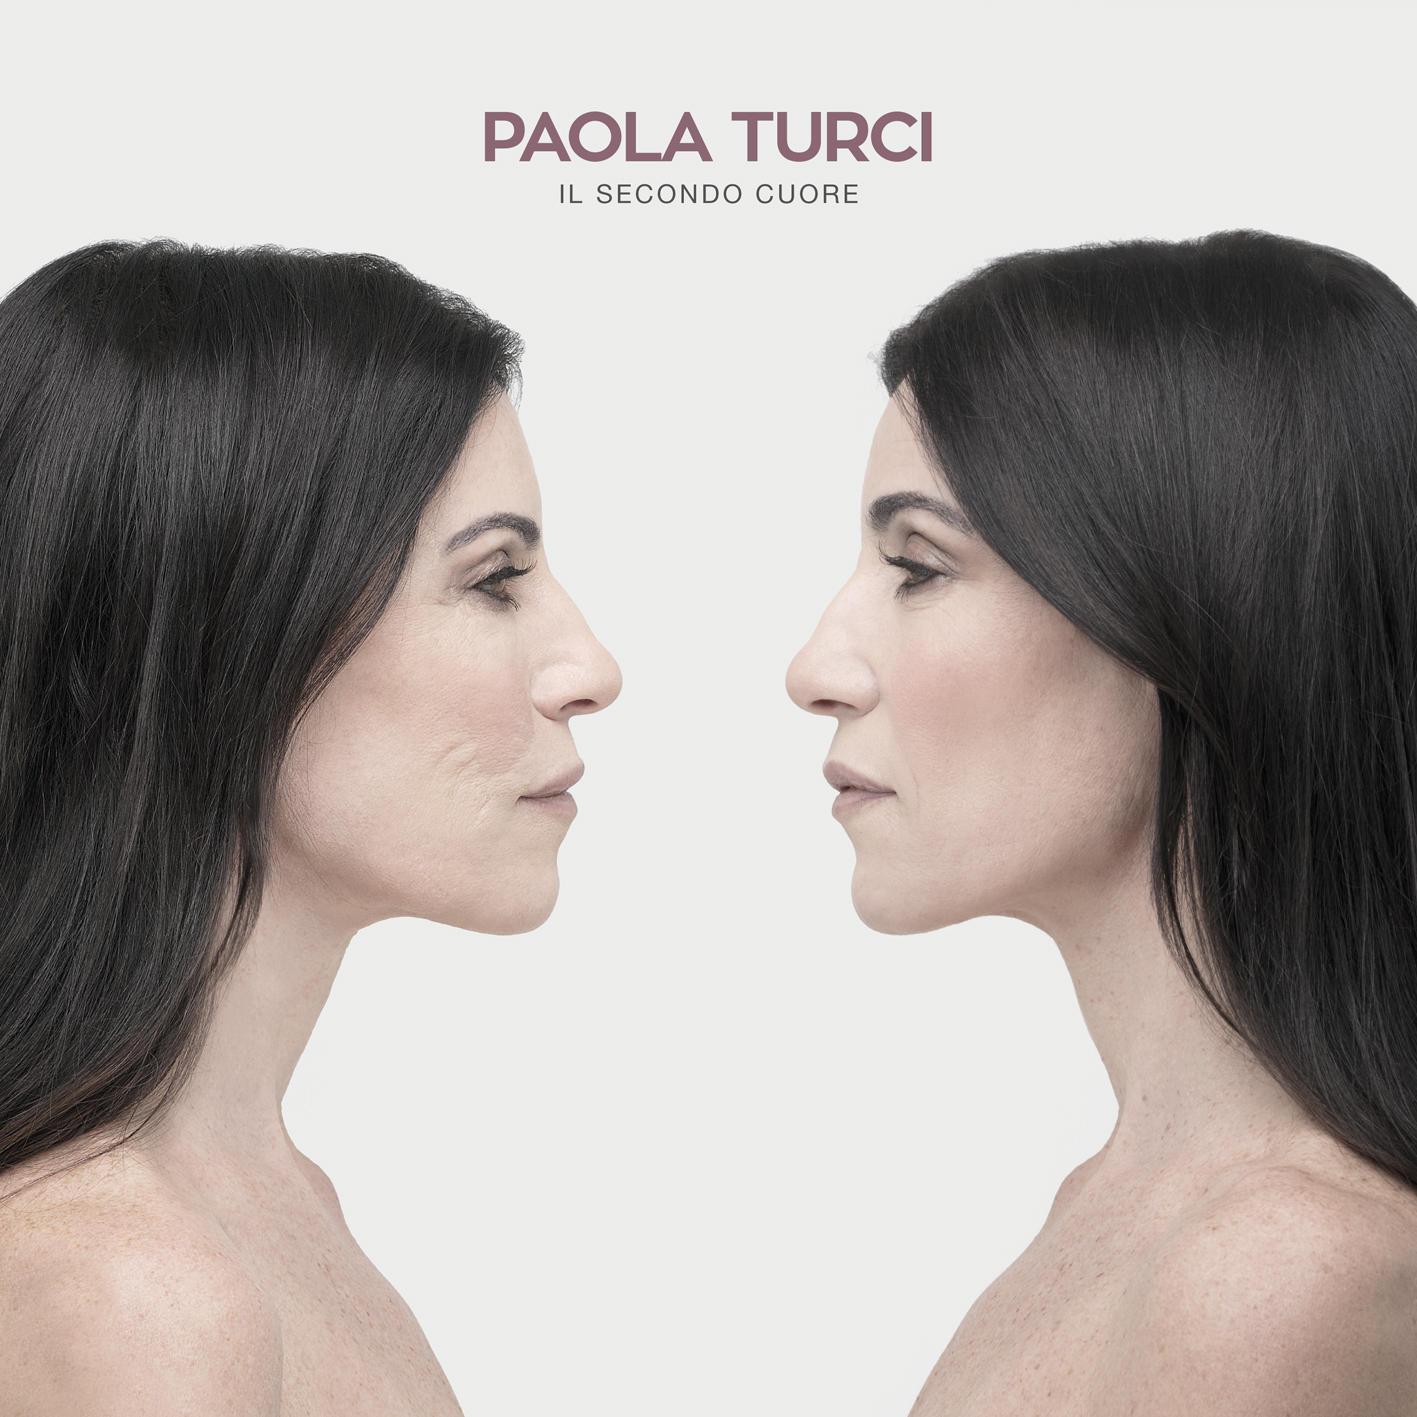 Paola Turci pubblica il nuovo album  Il secondo cuore